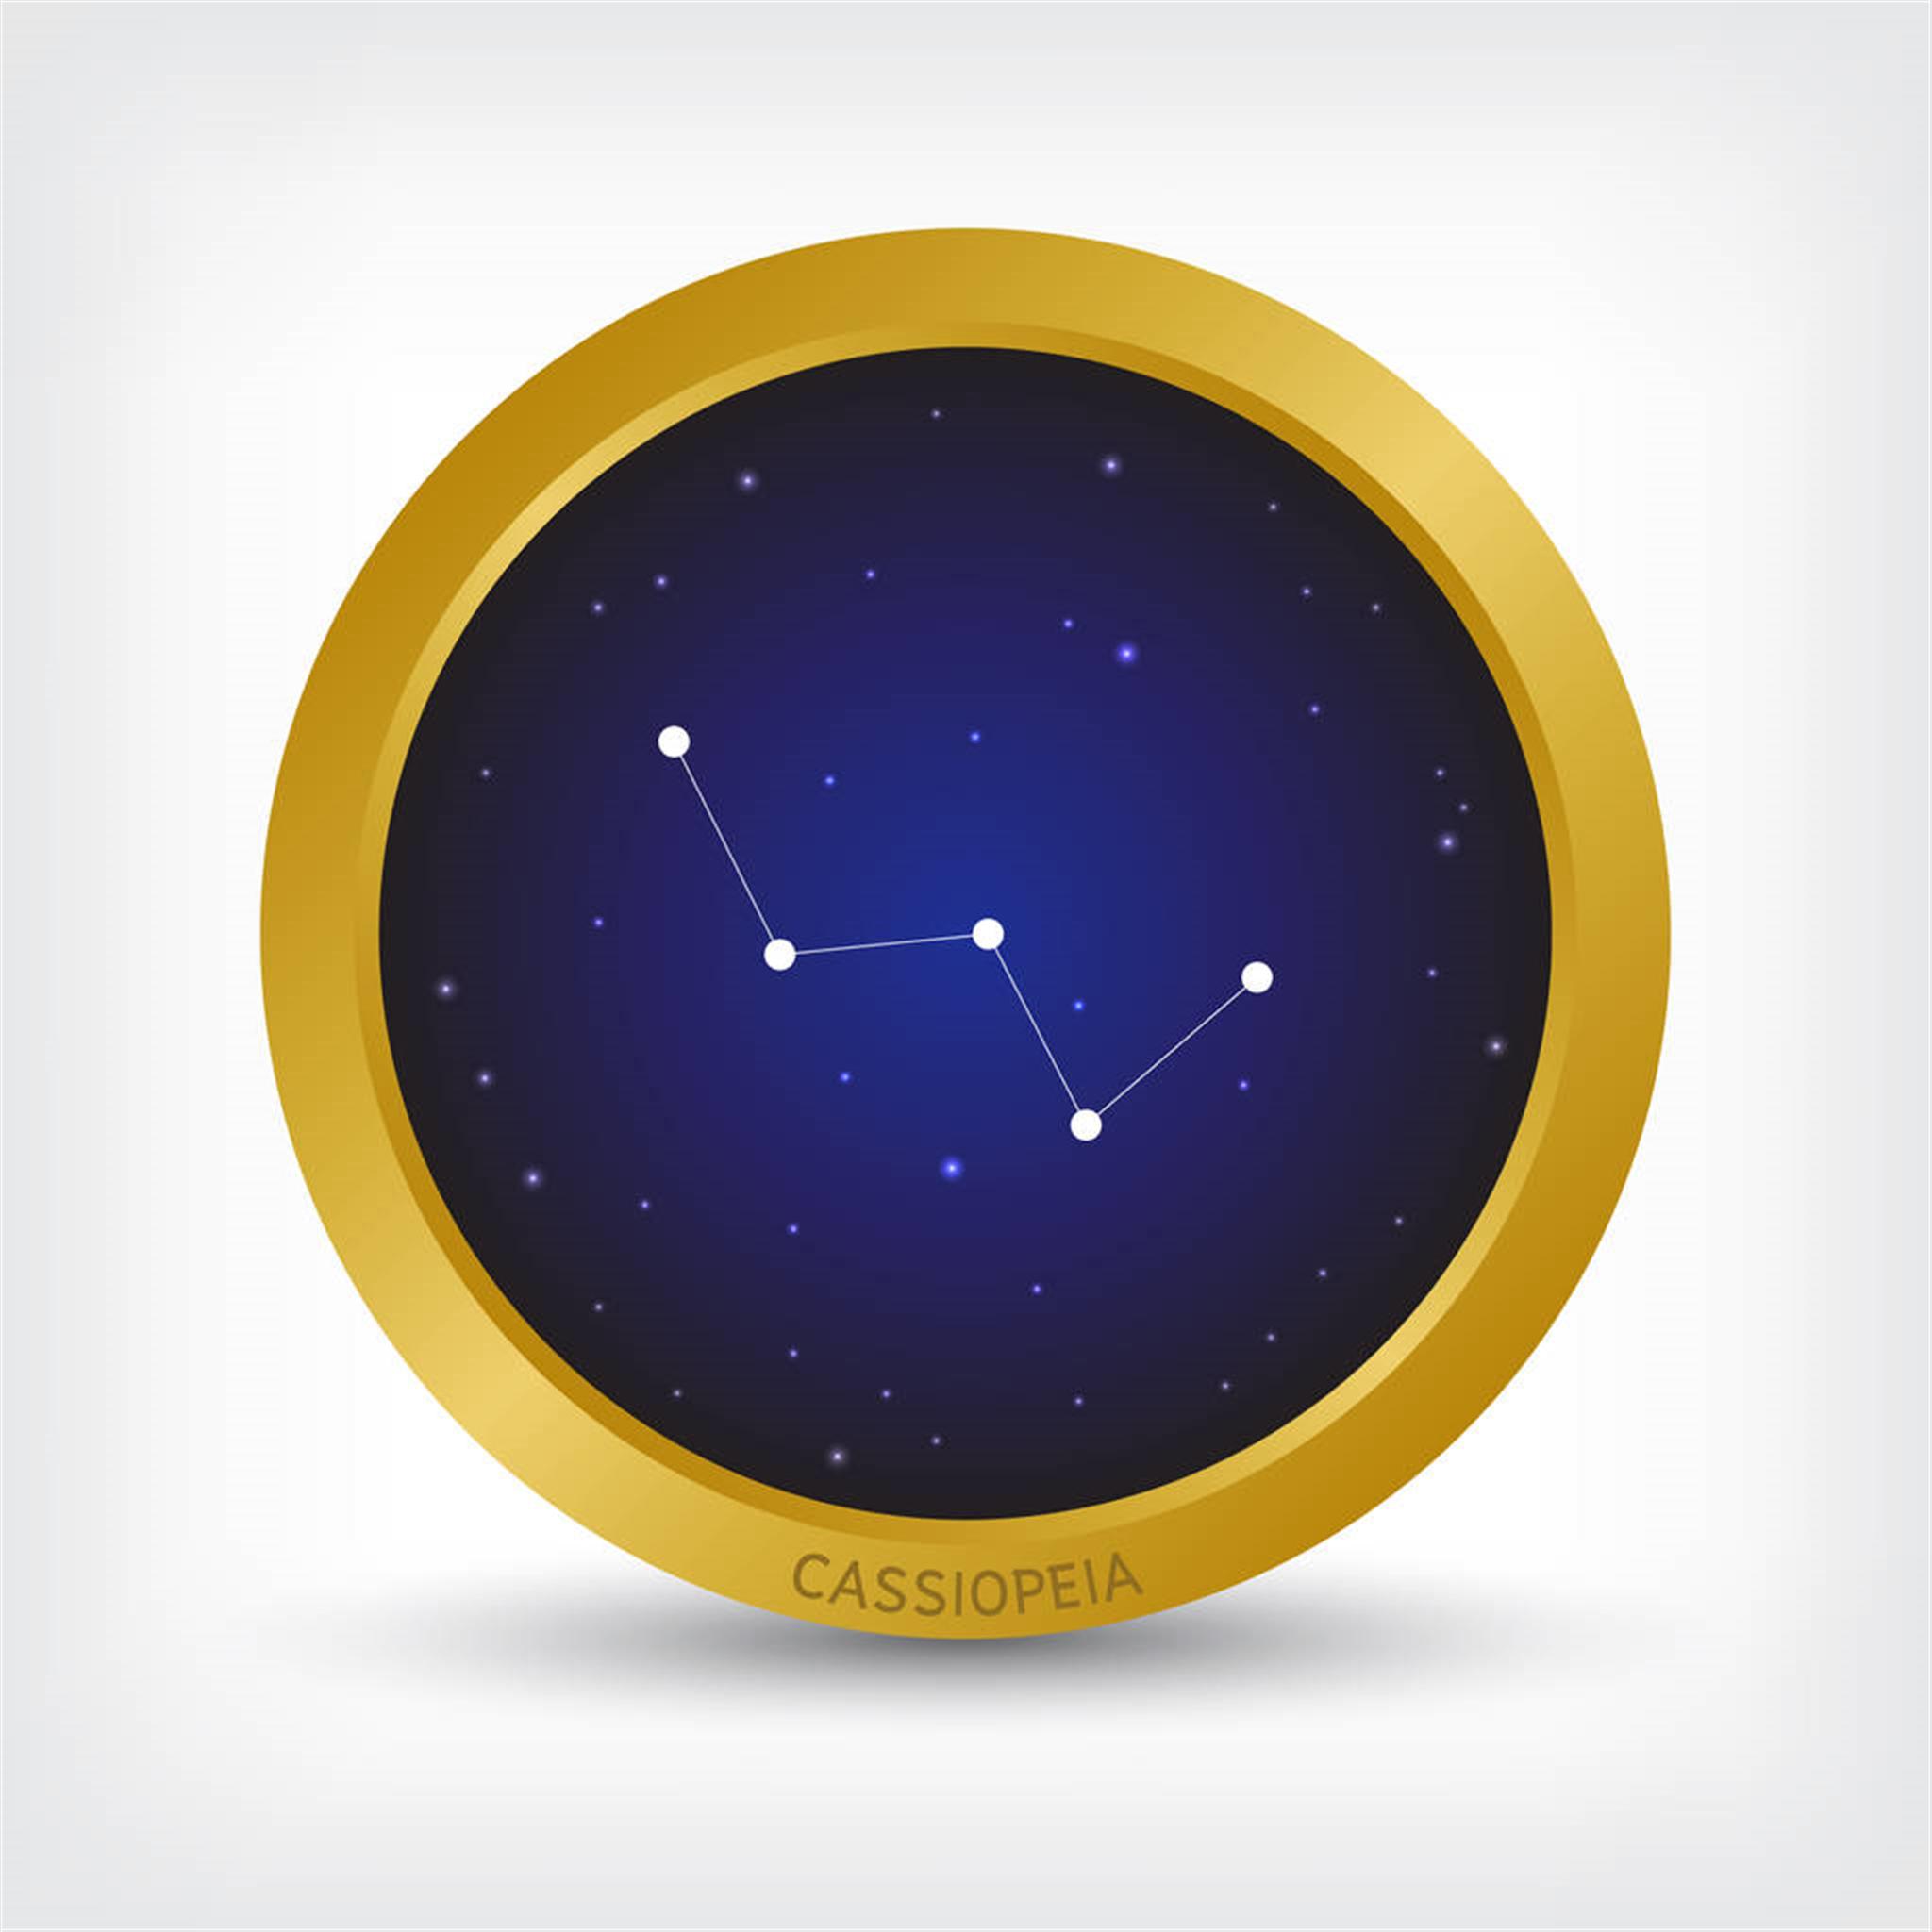 最稀有的星座 十二星座谁是老大?